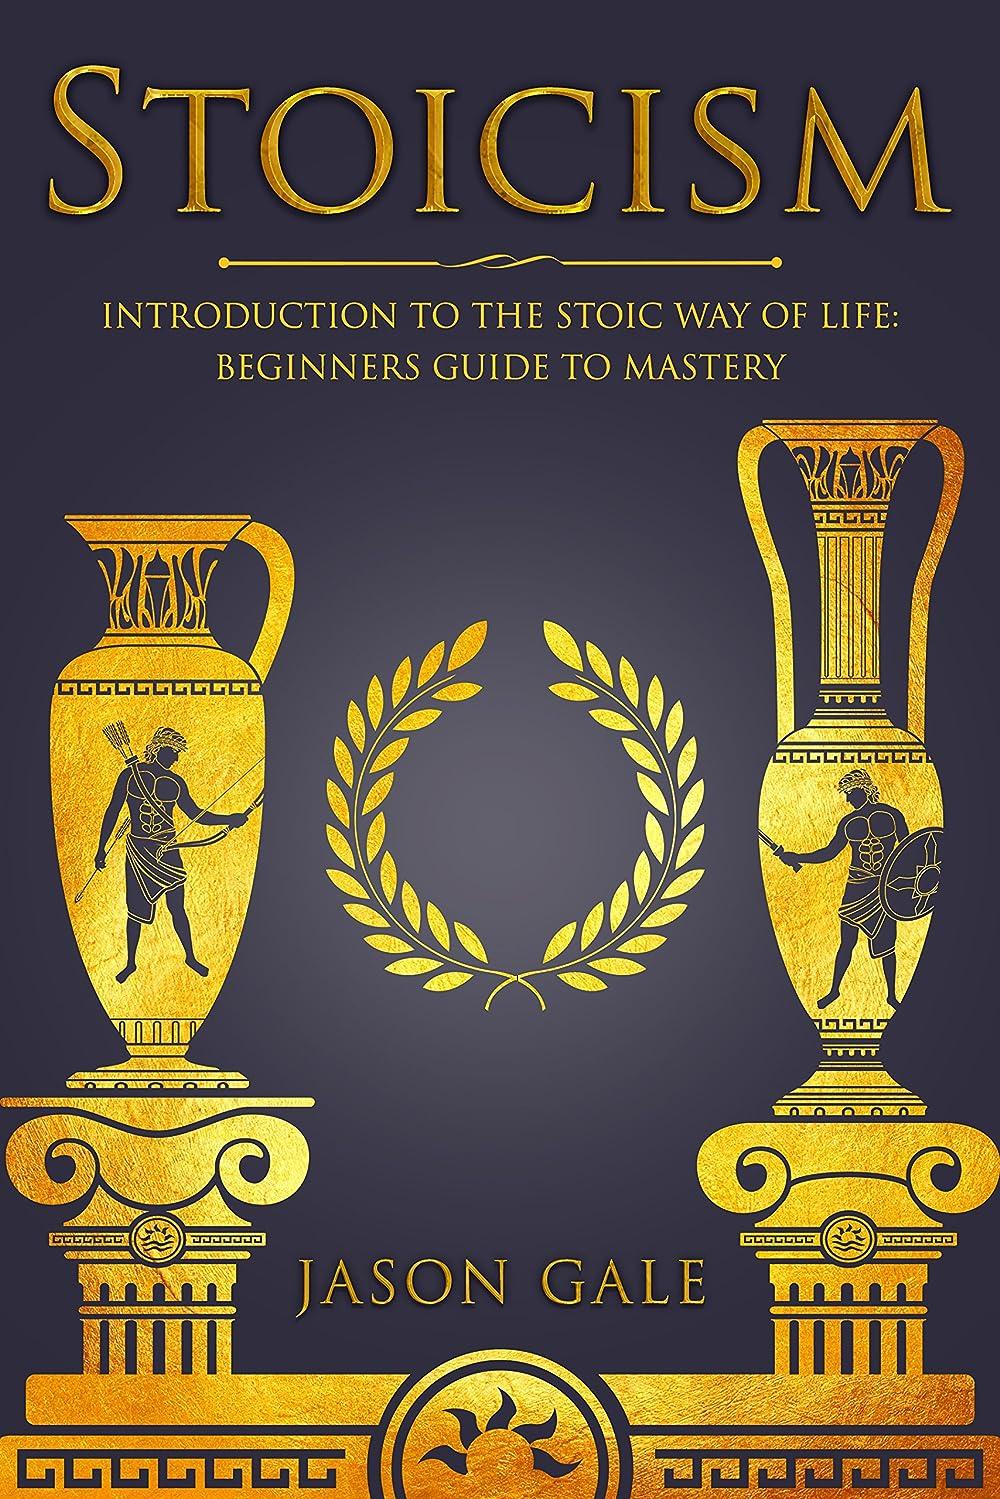 クルー契約ばかげたStoicism: Introduction To The Stoic Way of Life: Beginners Guide To Mastery (Stoic Journey Book 1) (English Edition)